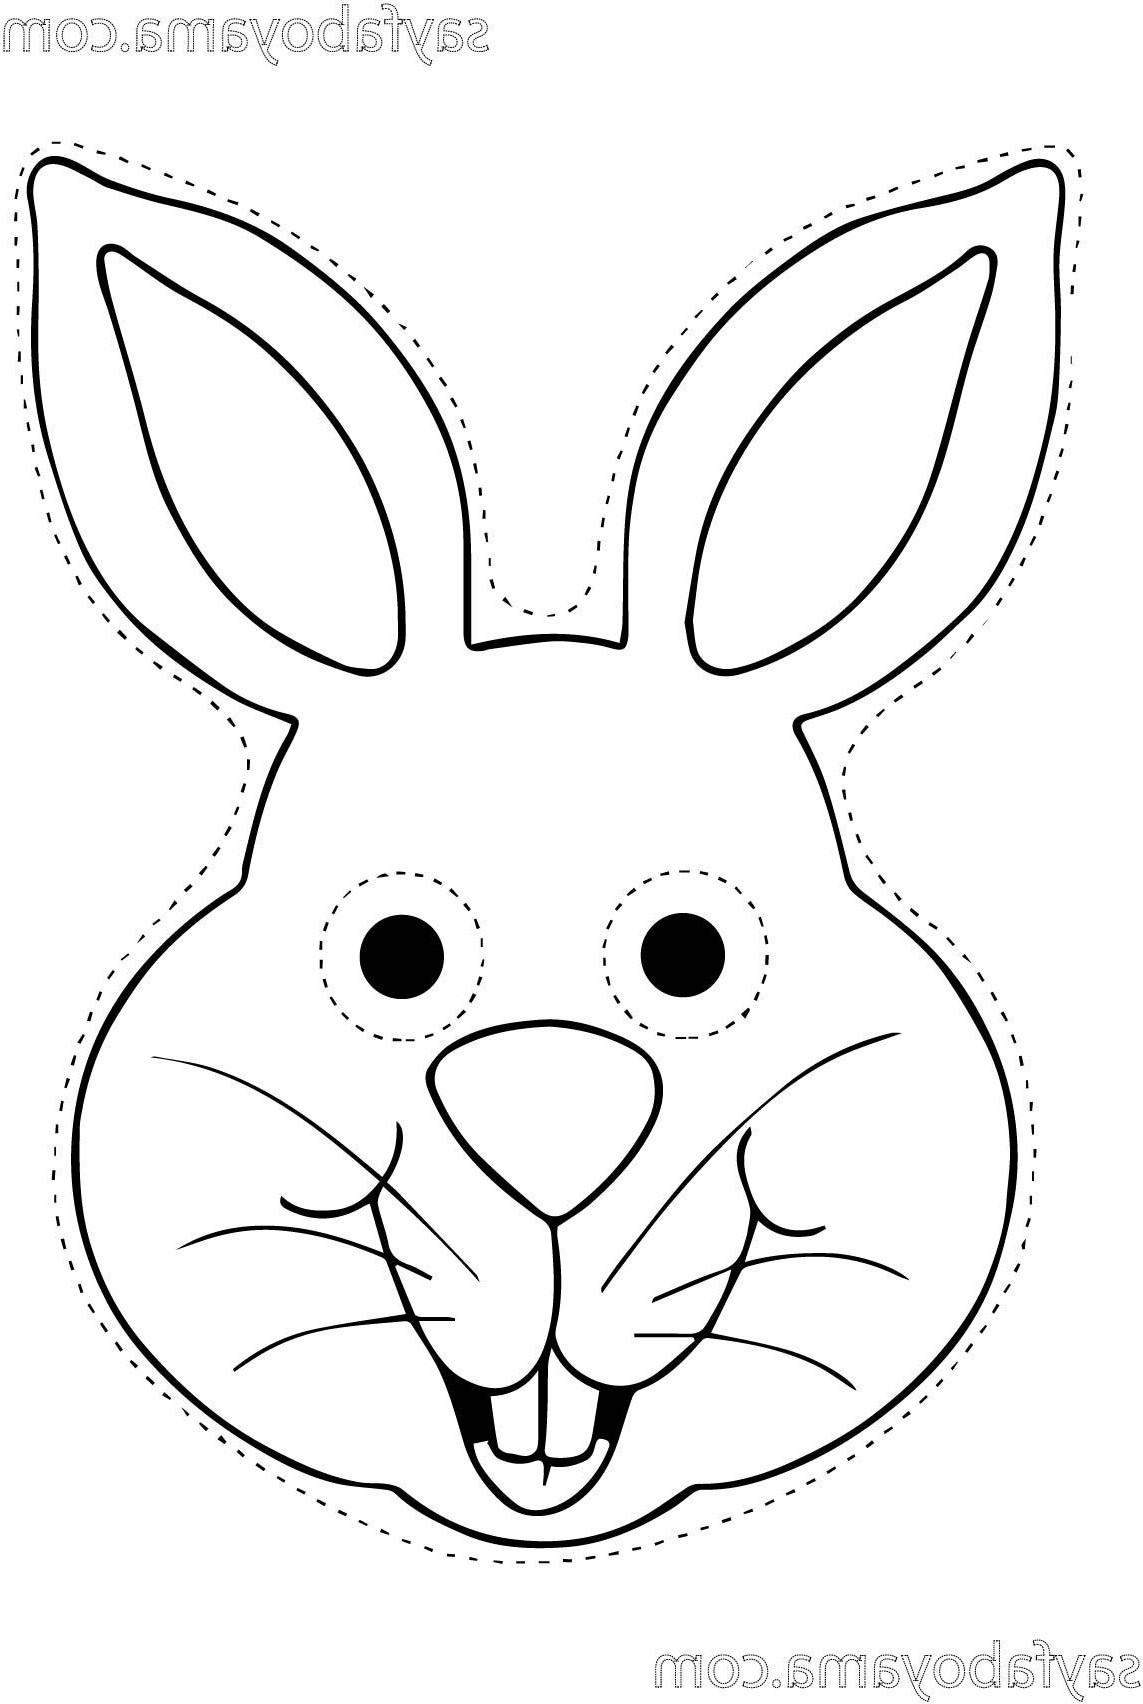 Ausmalbilder Ostern Hase Inspirierend 34 Frisch Malvorlage Hase – Malvorlagen Ideen Fotos